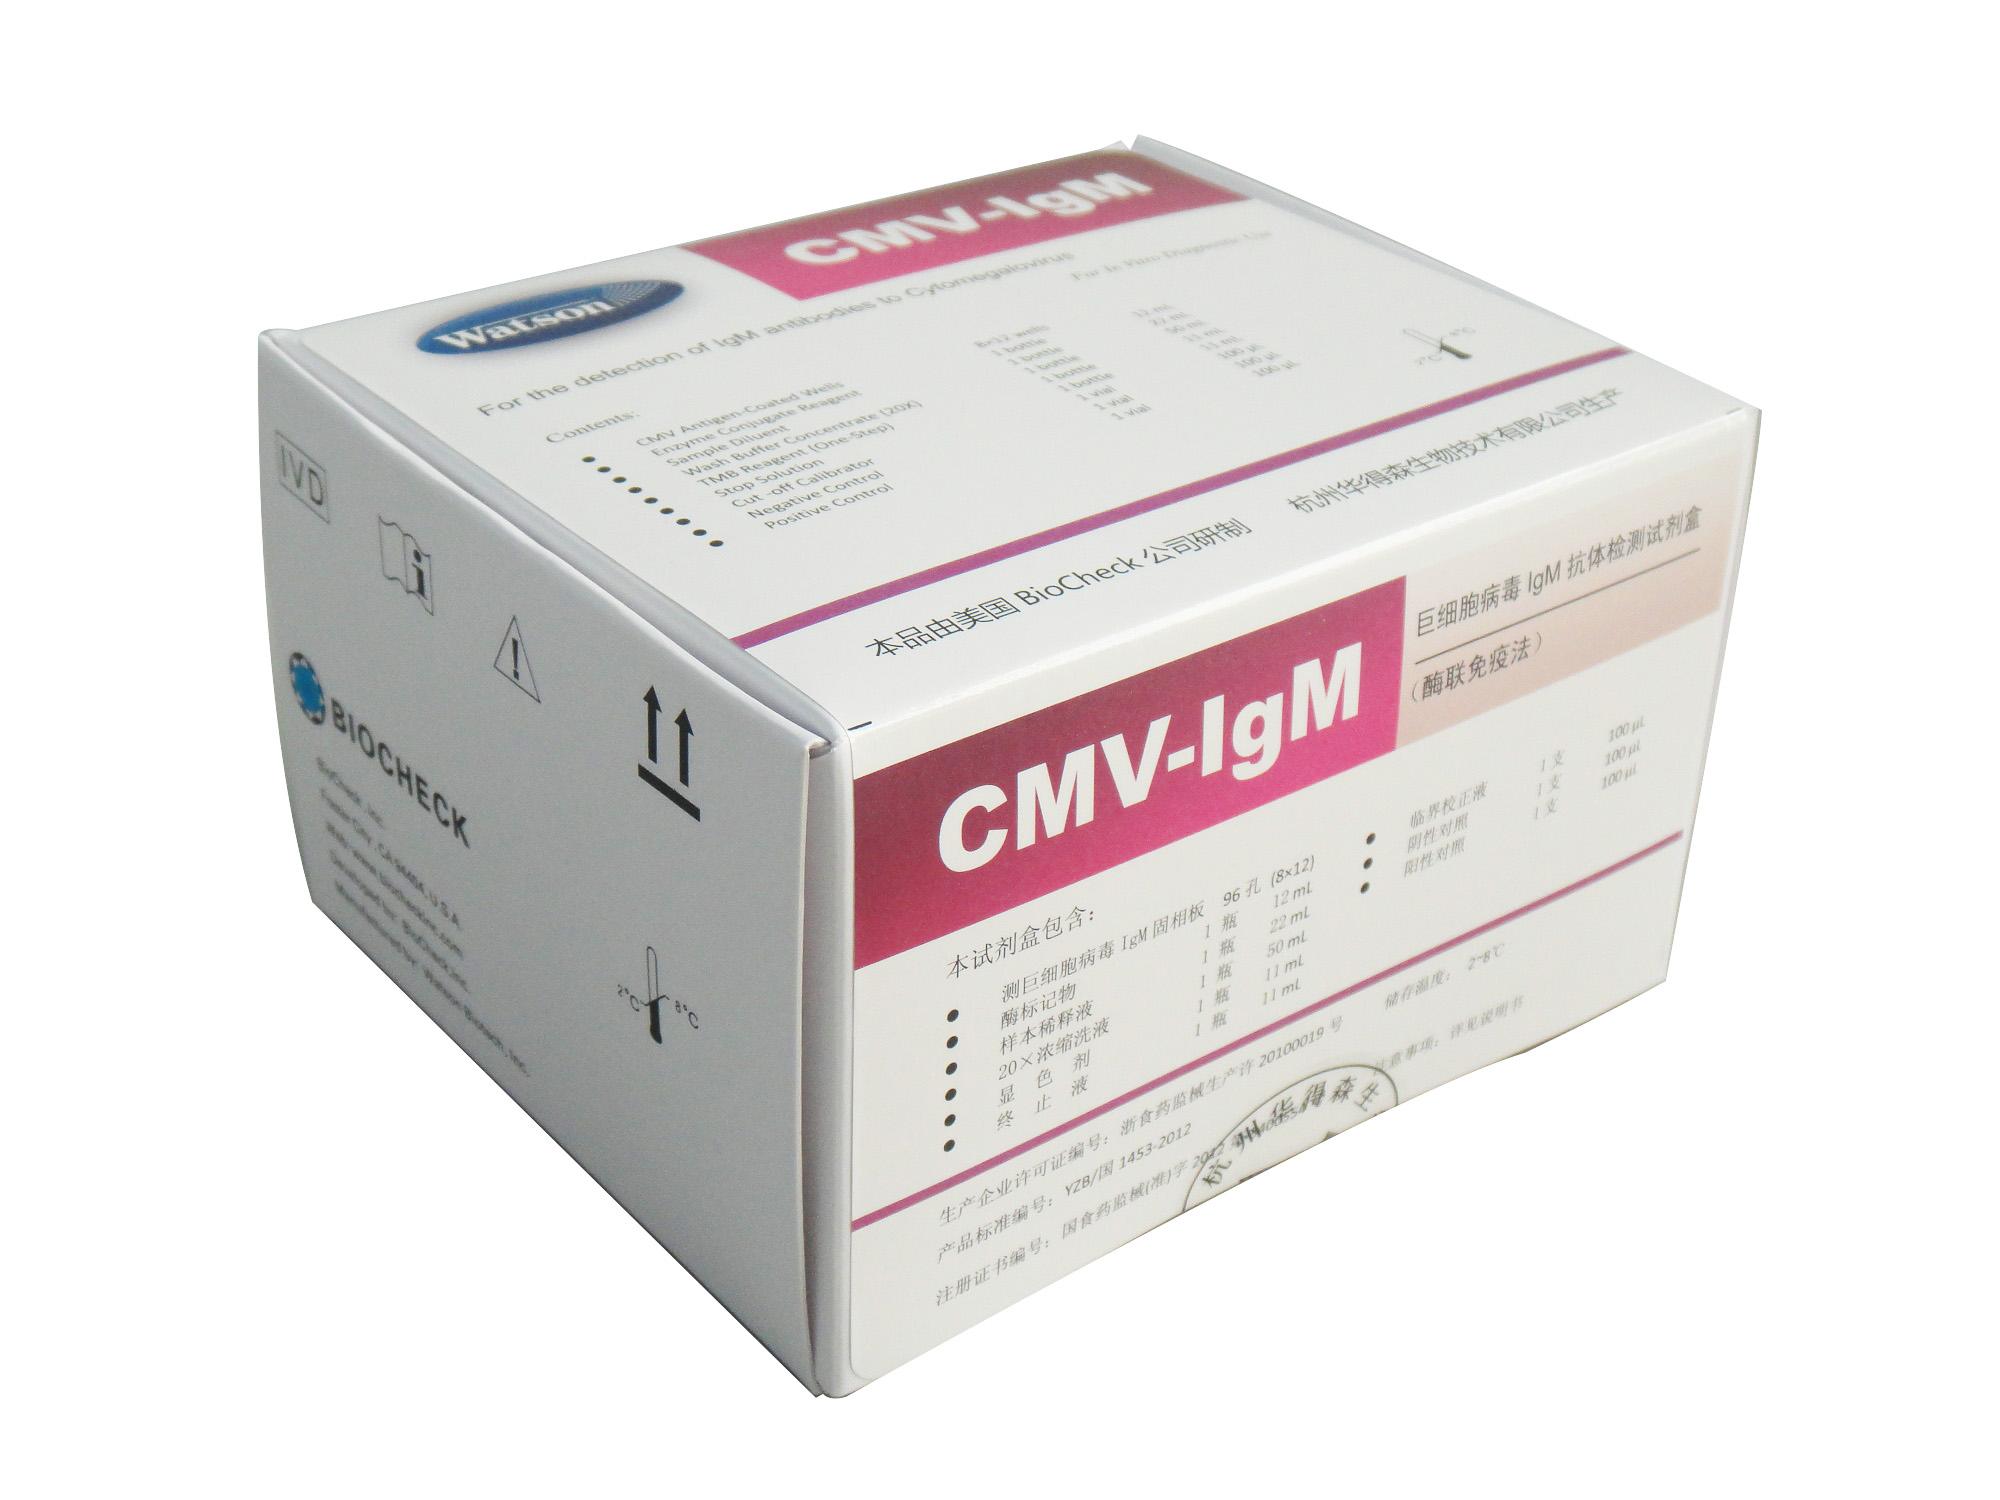 巨细胞病毒IgM抗体检测试剂盒